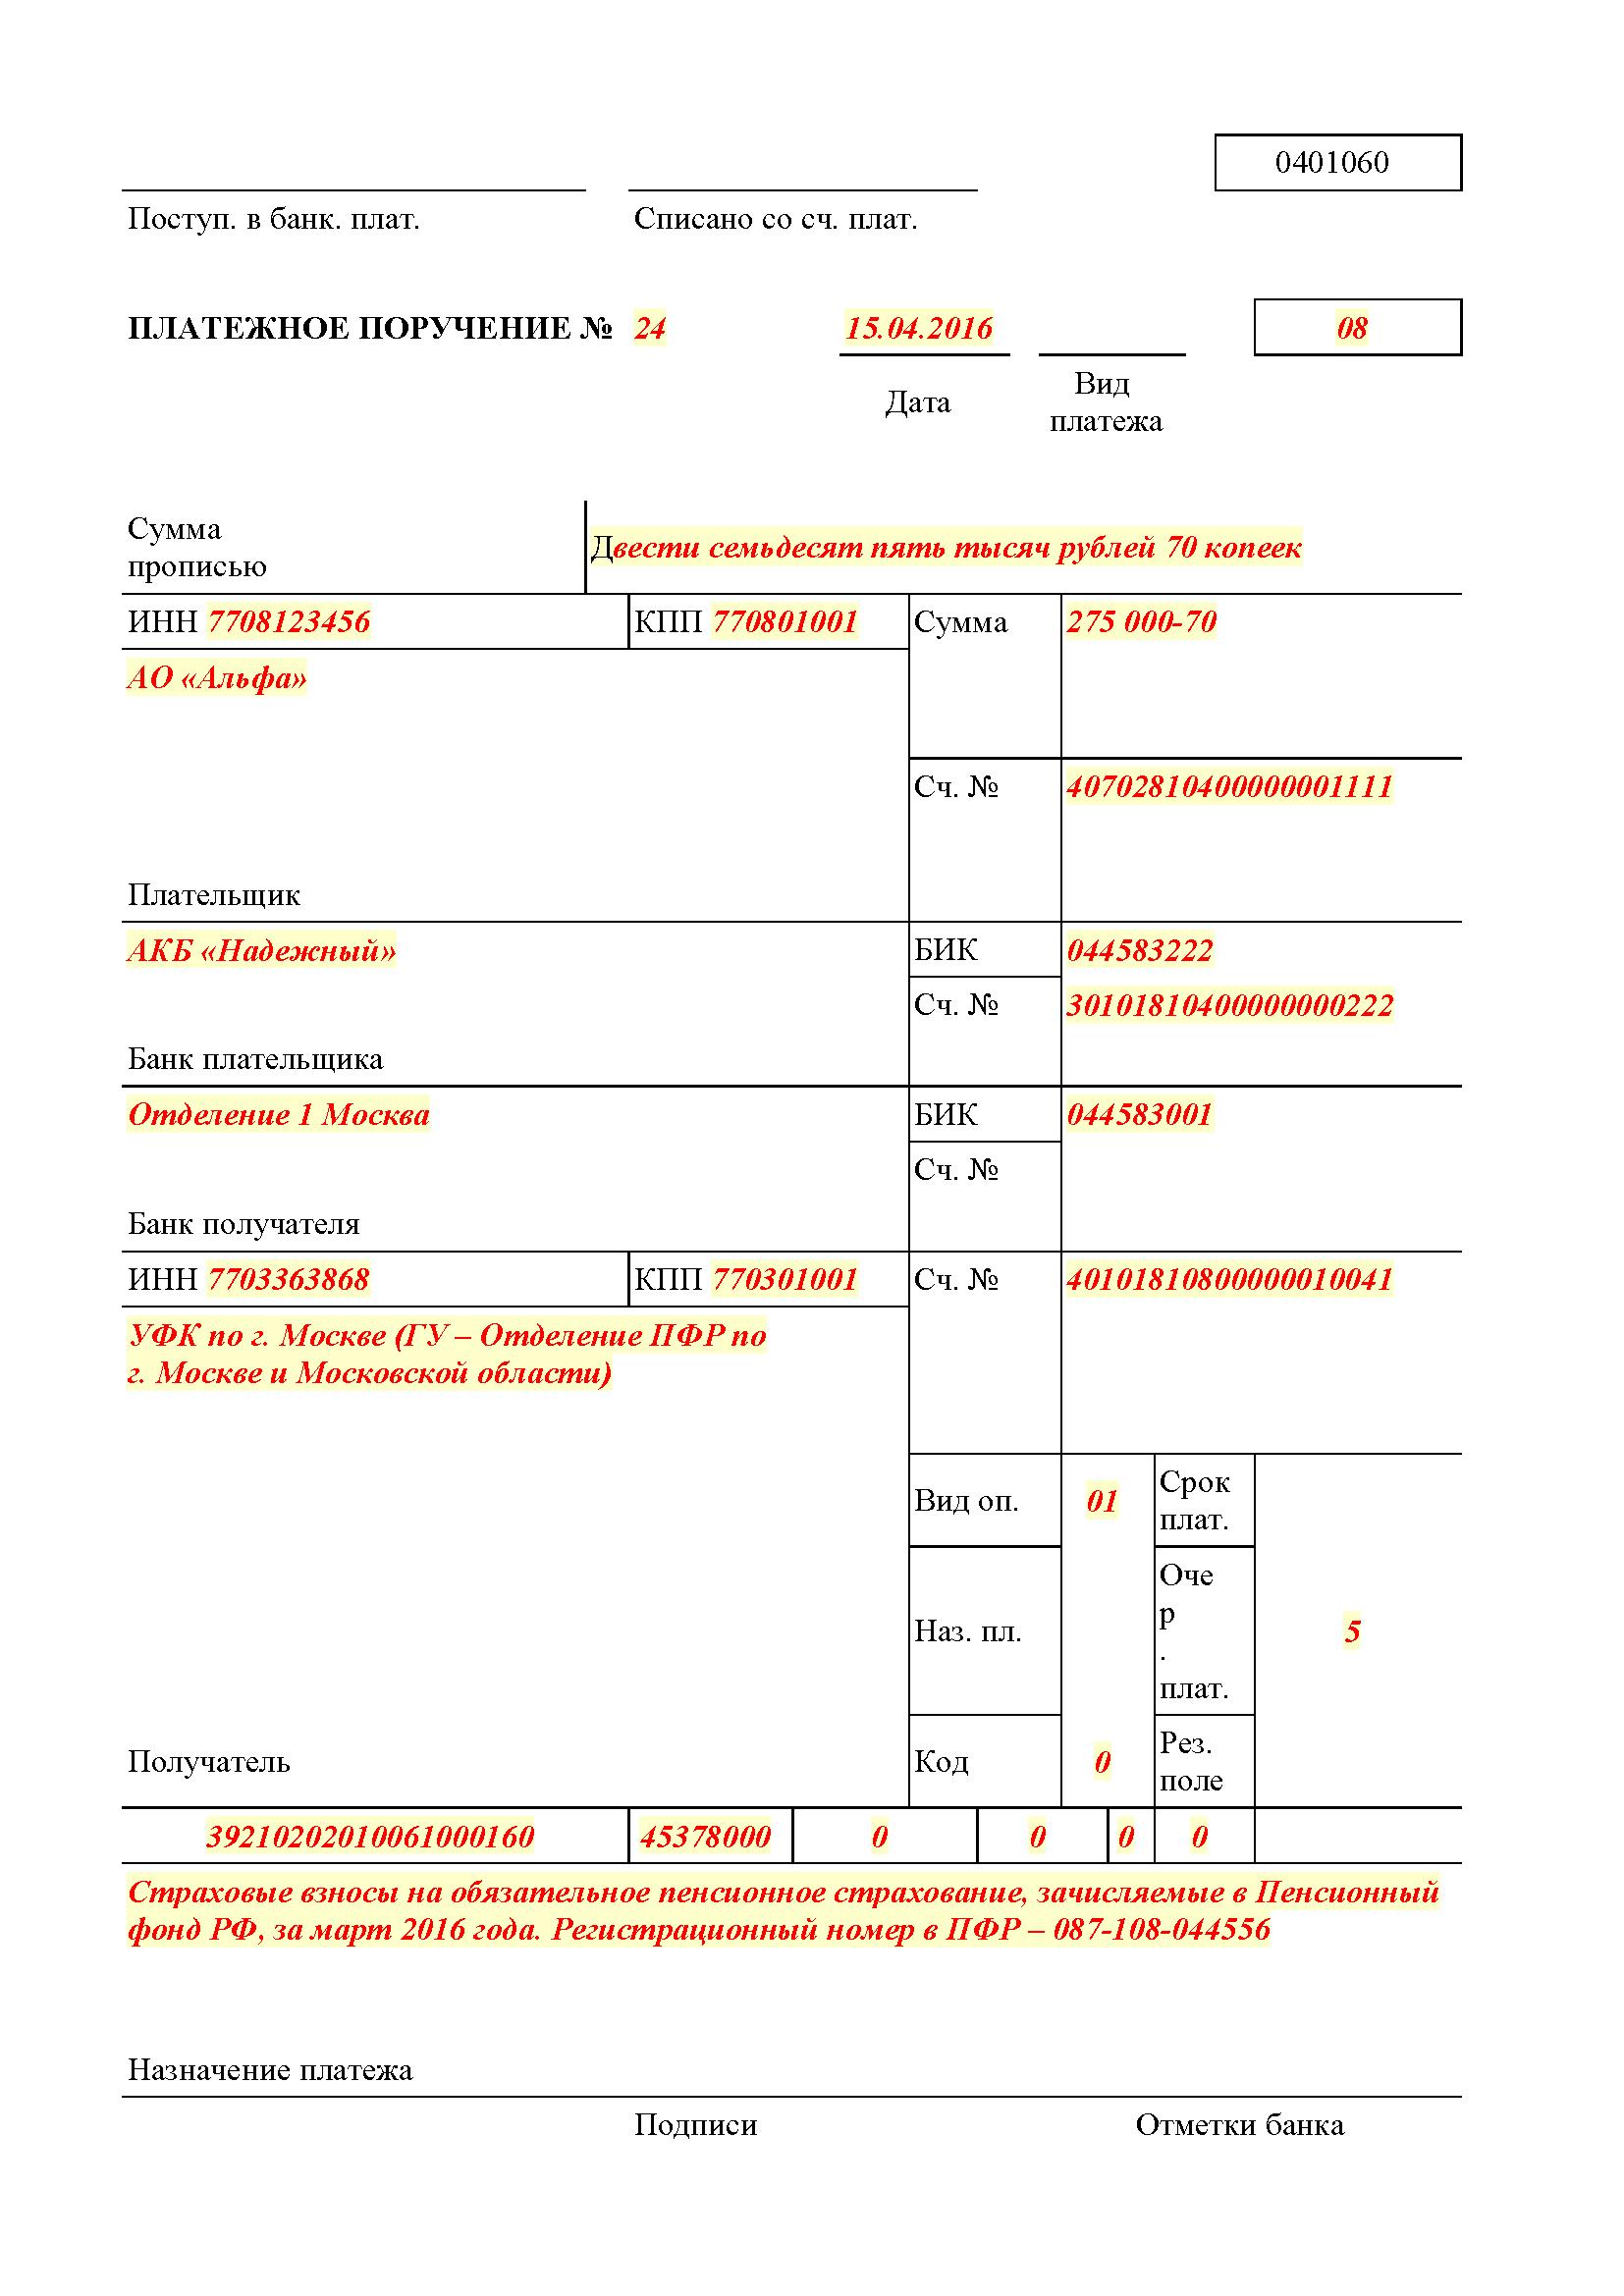 Платежное поручение на перечисление алиментов